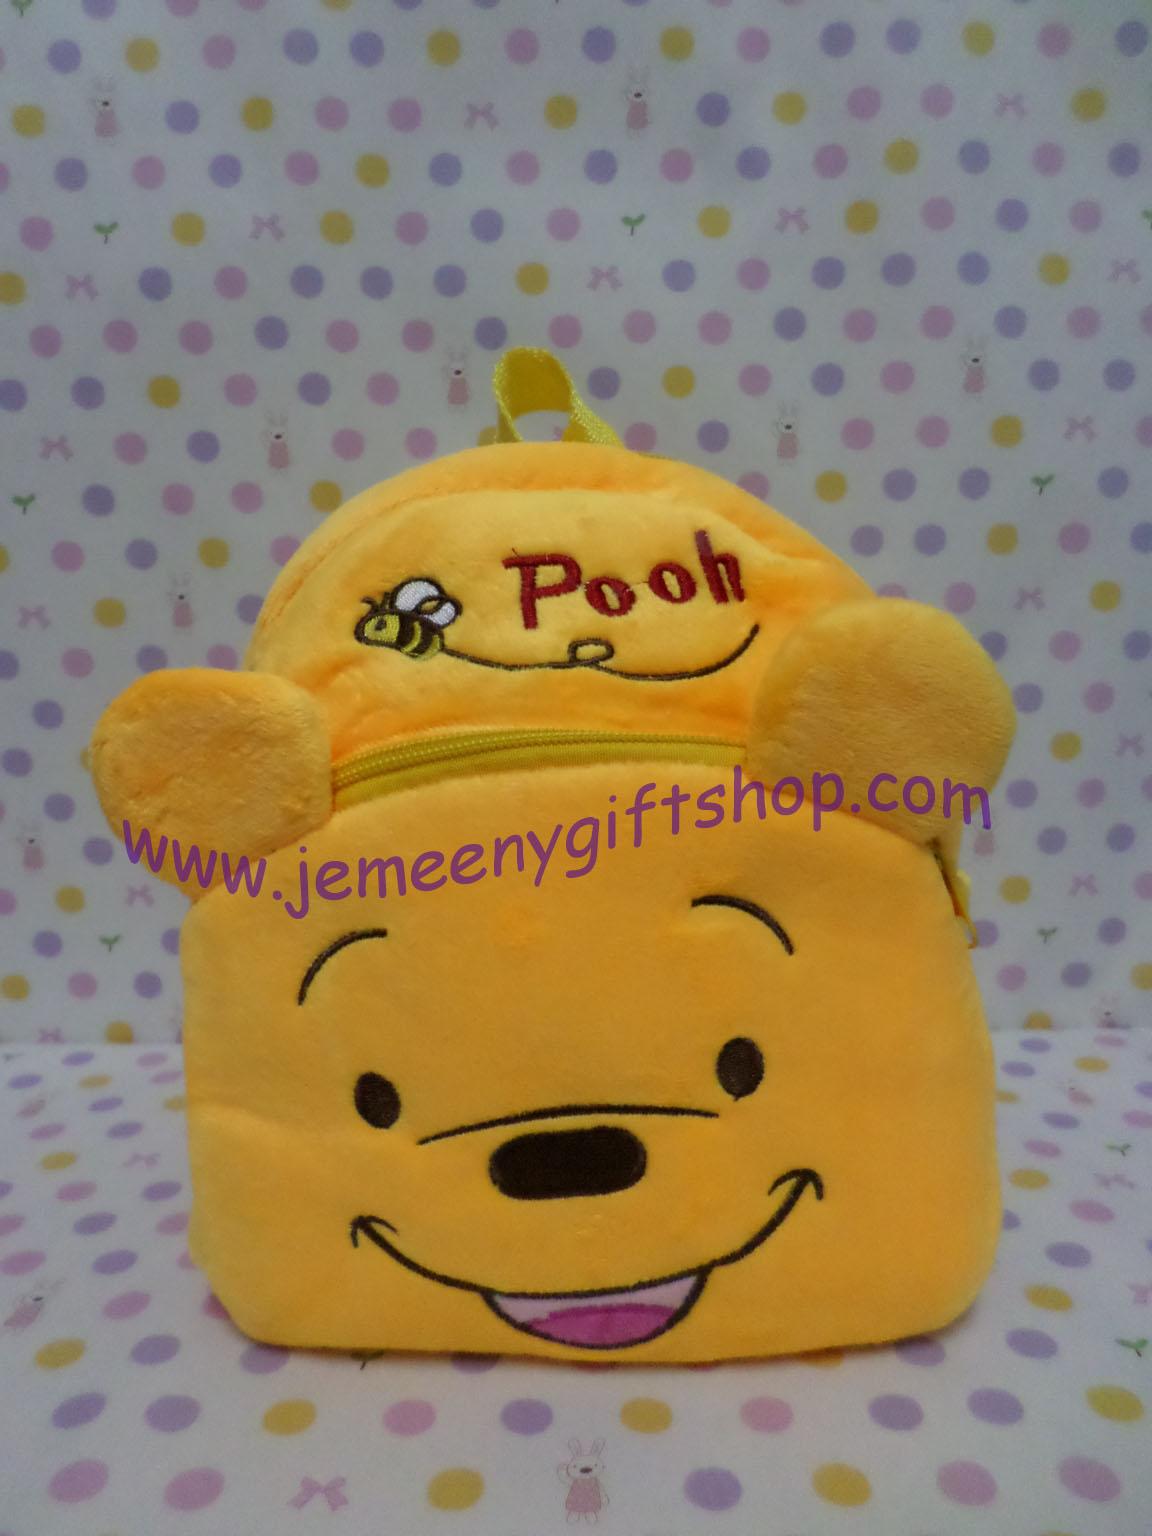 กระเป๋าเป้สะพายหลังใบเล็กจิ๋ว หมีพูห์ Pooh ขนาดกว้าง 5 ซม * ยาว 22 ซม * สูง 22 ซม สำหรับเด็กเล็ก 2-3 ขวบ